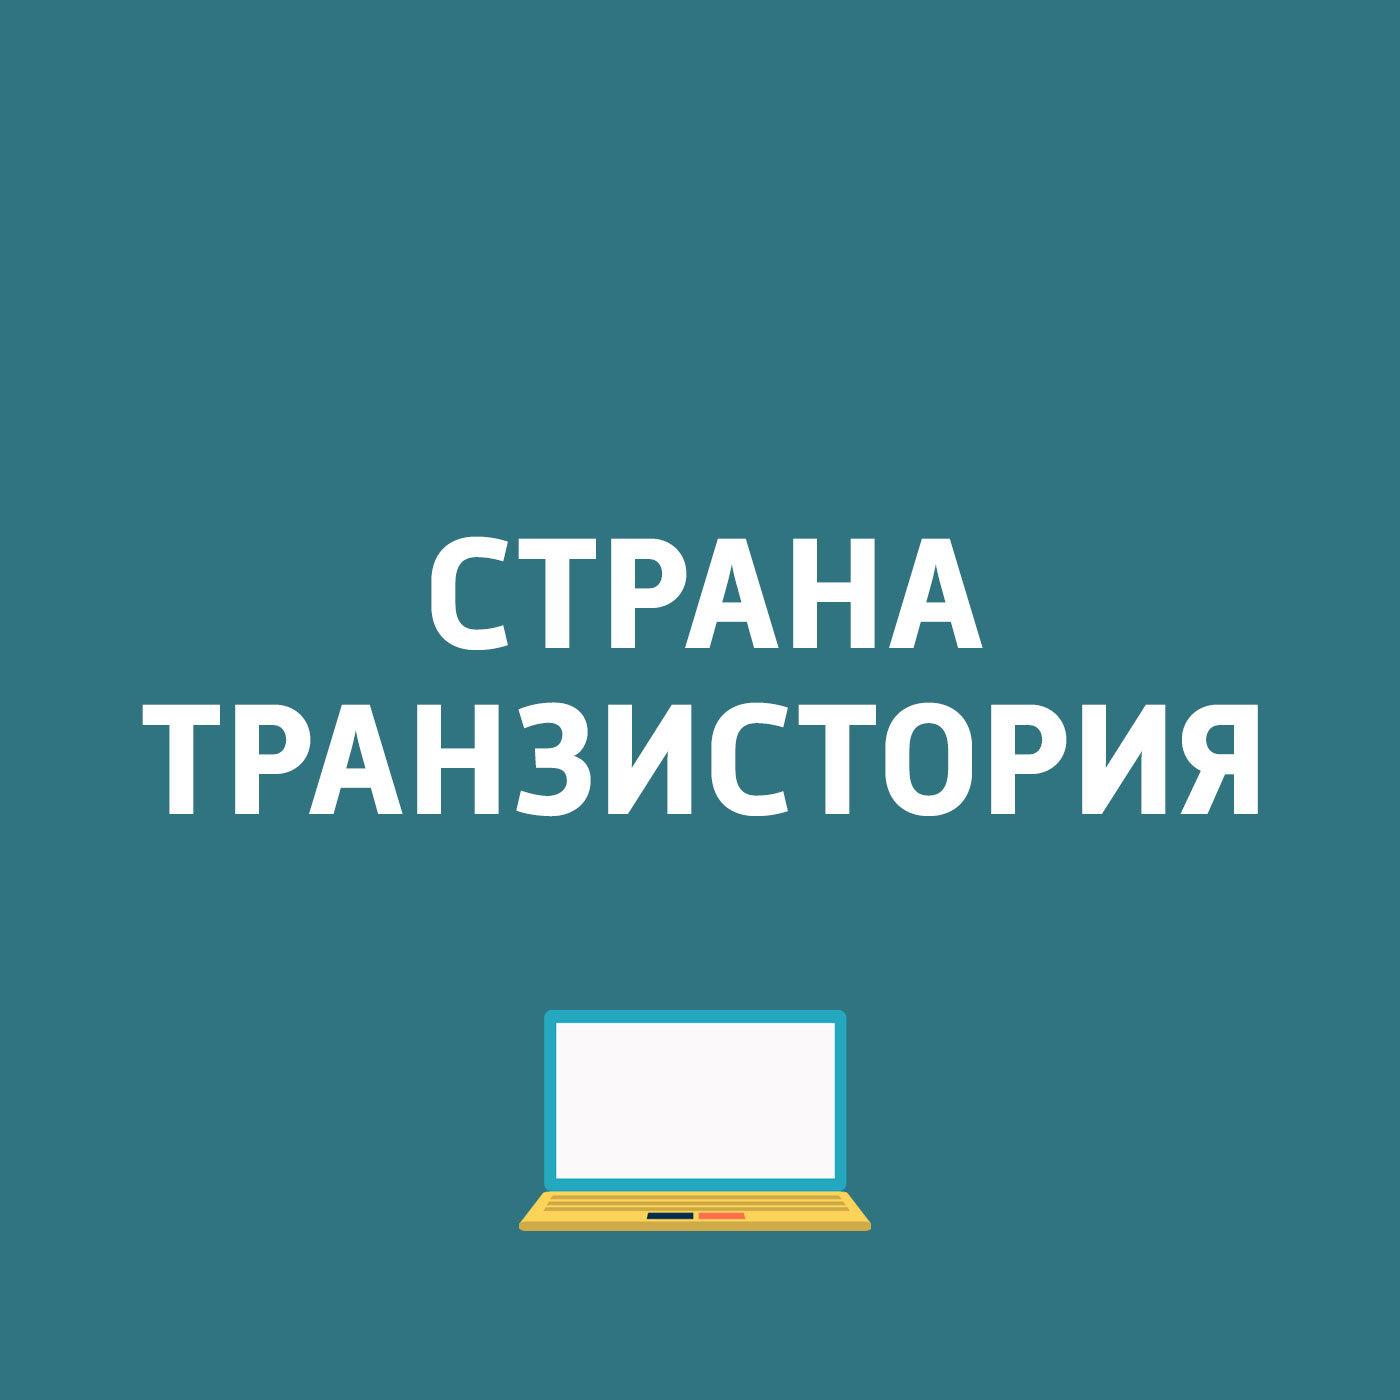 """Хенде Моторс СНГ подвели итоги 2017 года; Engadget назвал худшие гаджеты 2017 года; «ВКонтакте""""назвала самые обсуждаемые игры 2017 года"""